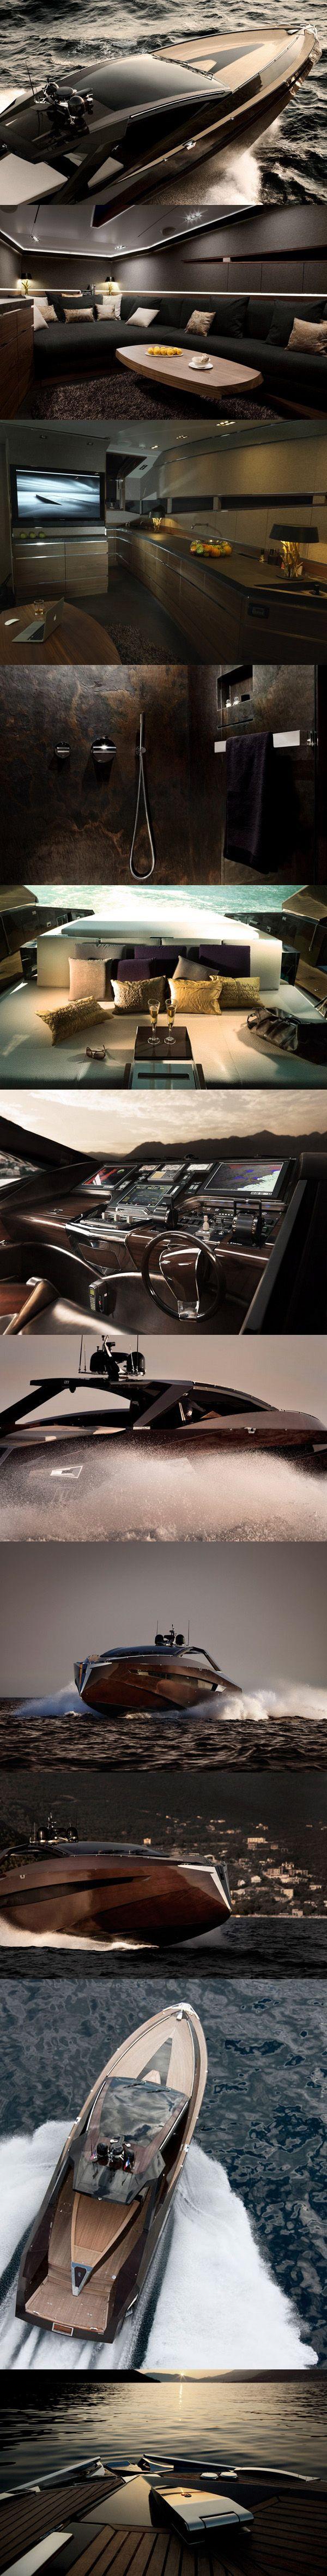 Mi barco!